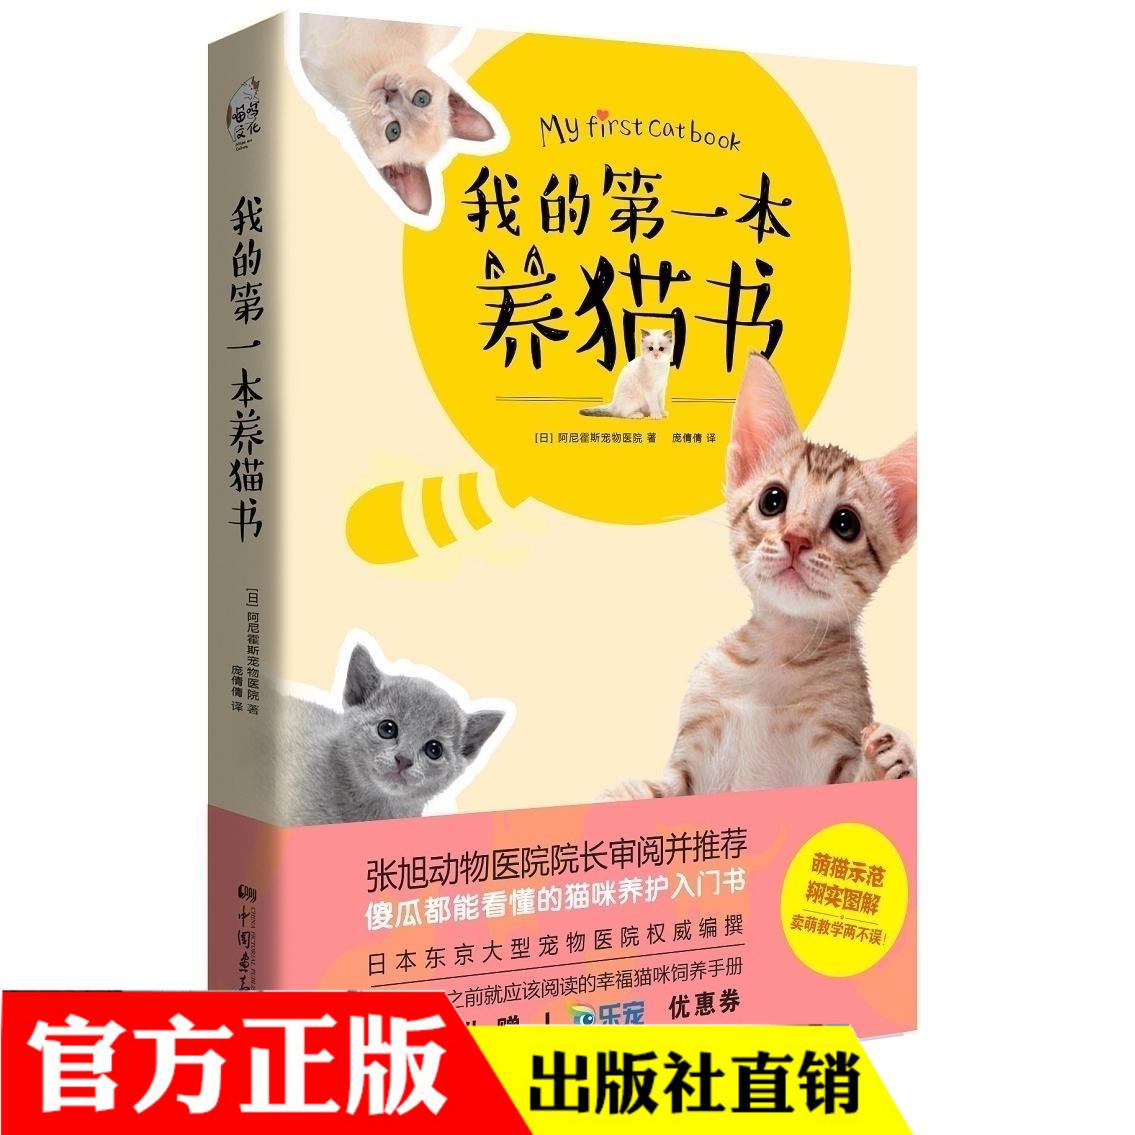 正版我的第一本养猫书阿尼霍斯宠物医院著 养猫书籍 养宠物书籍 猫咪养护基础入门 养猫指南猫奴进阶猫咪健康护理 猫书科普百科